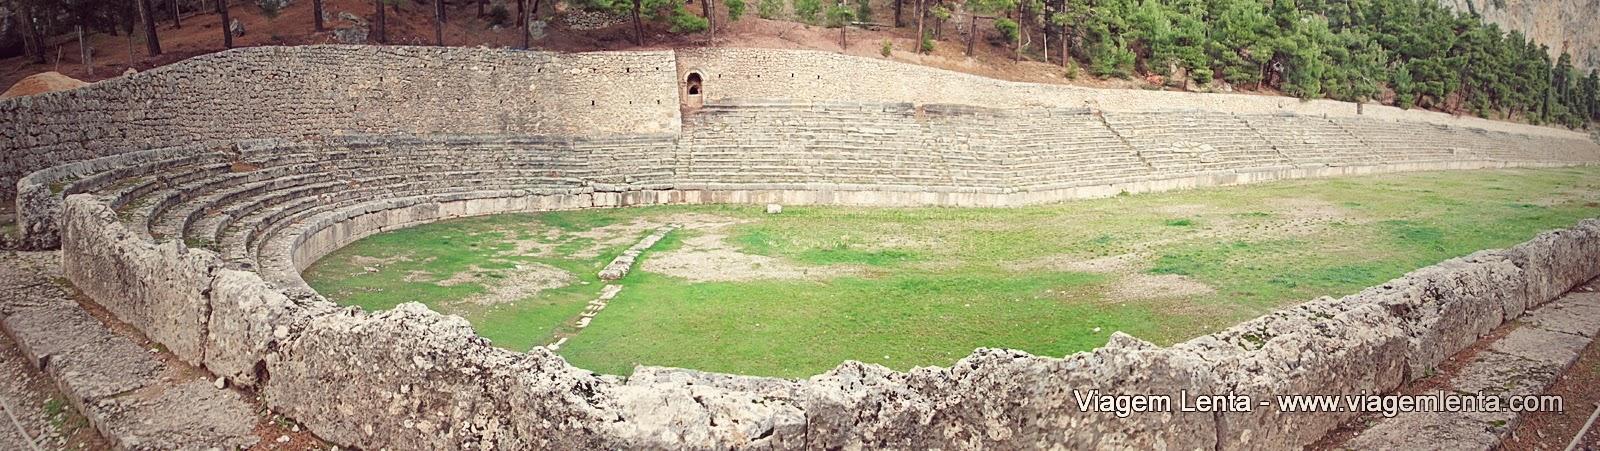 Delfos, Grécia e o impressionante sítio arqueológico